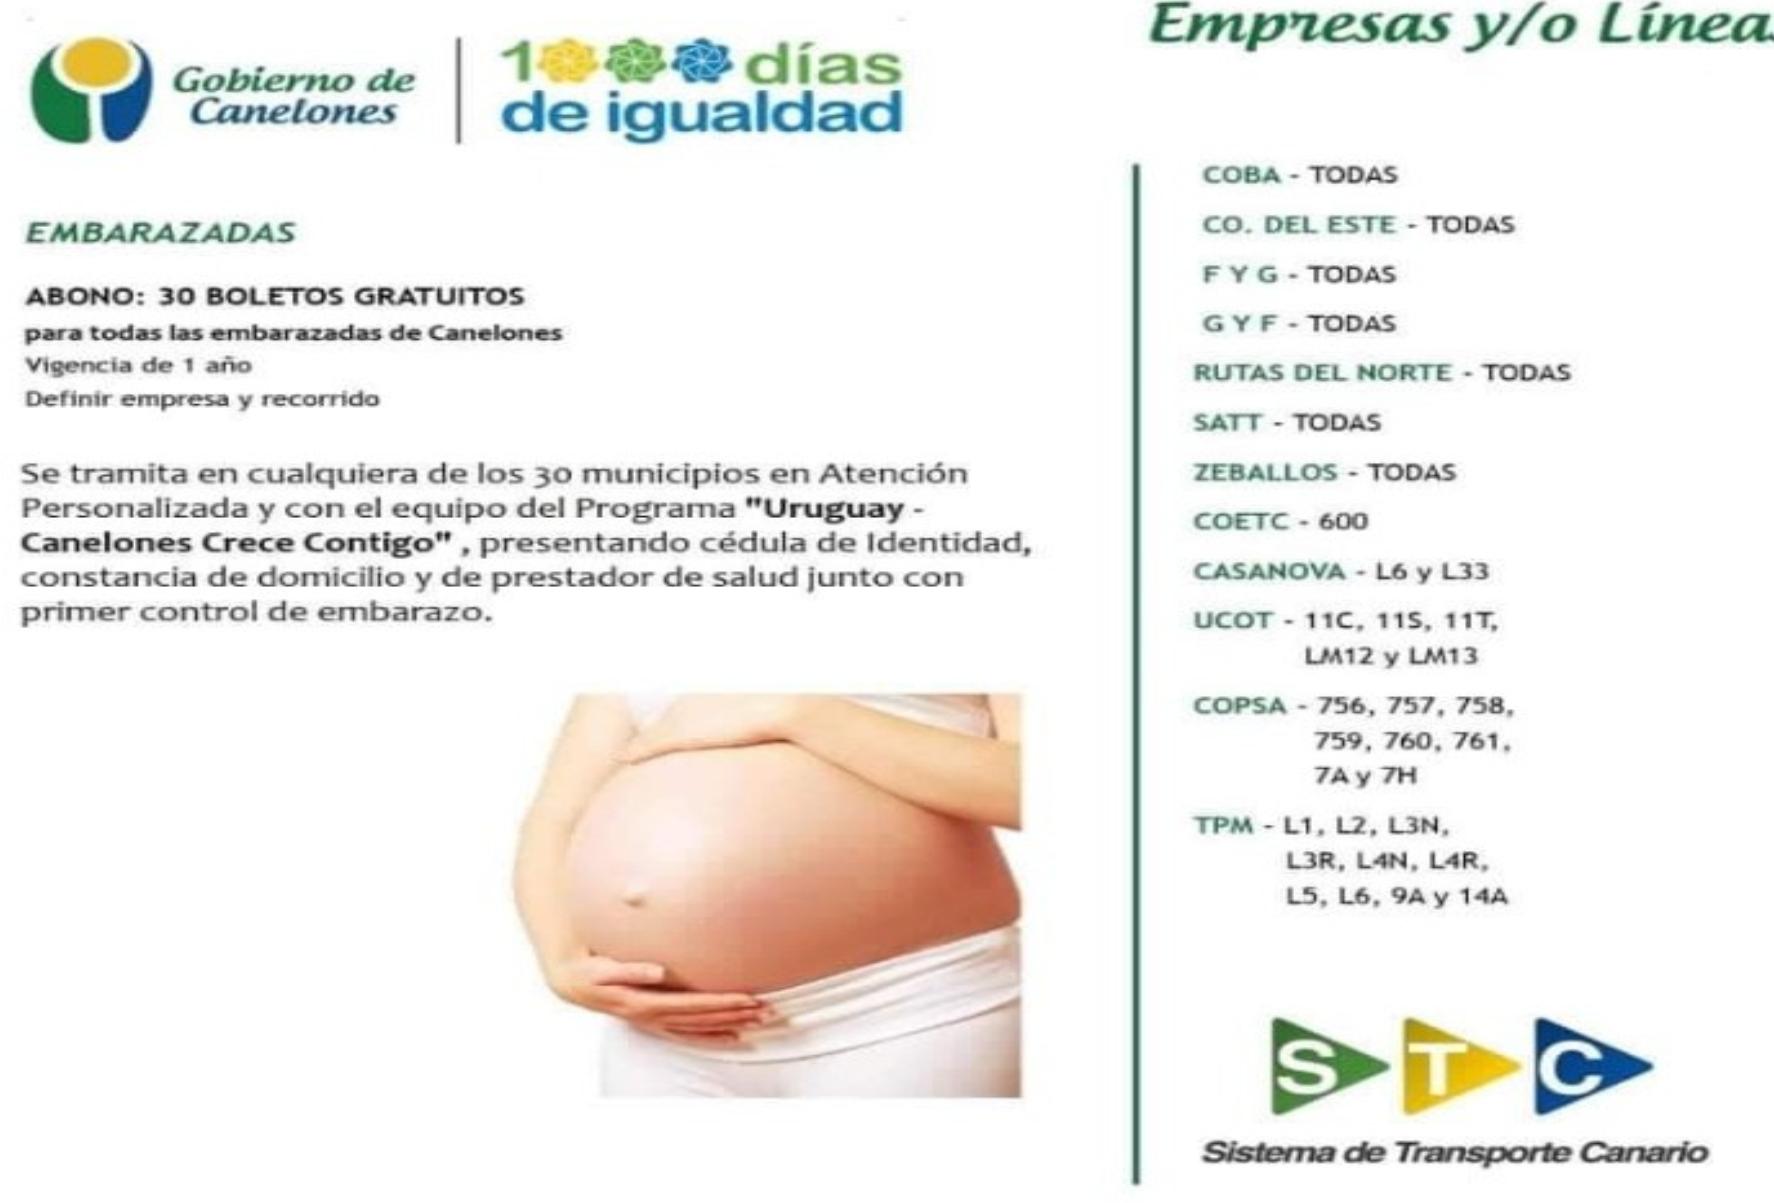 30 Boletos GRATUITOS para embarazadas